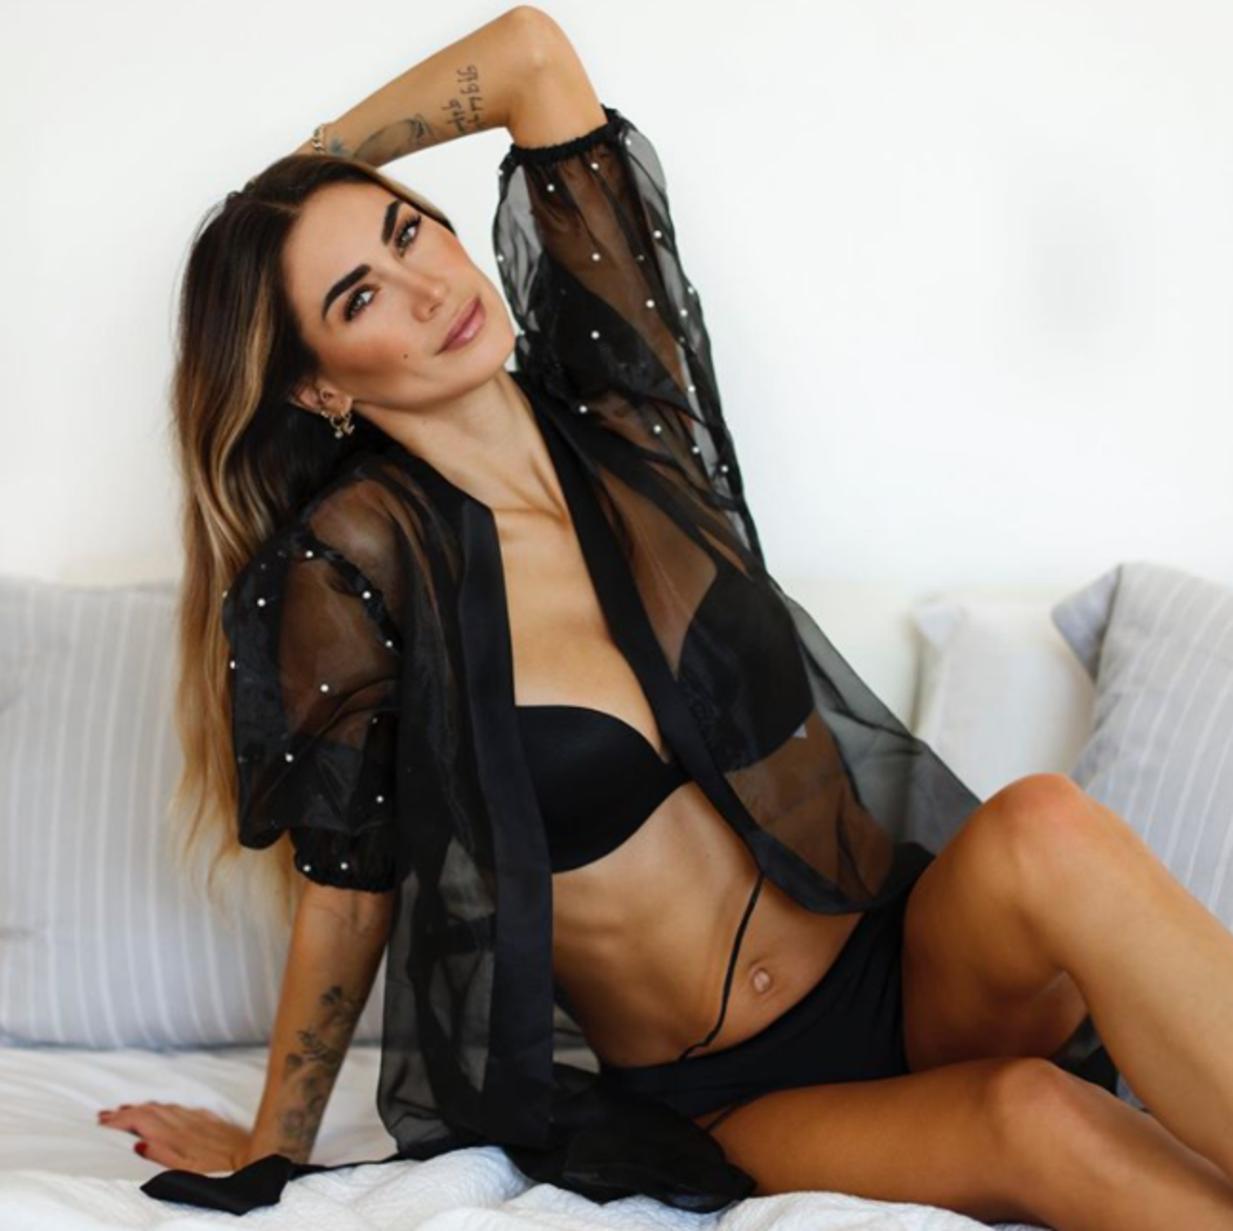 Per Kevin-Prince Boateng &egrave; una piacevole consuetudine ma per i follower di Melissa Satta&nbsp;&egrave; stata una bellissima sorpresa: la modella ha pubblicato su Instagram un buongiorno in lingerie da far girare la testa.<br /><br />